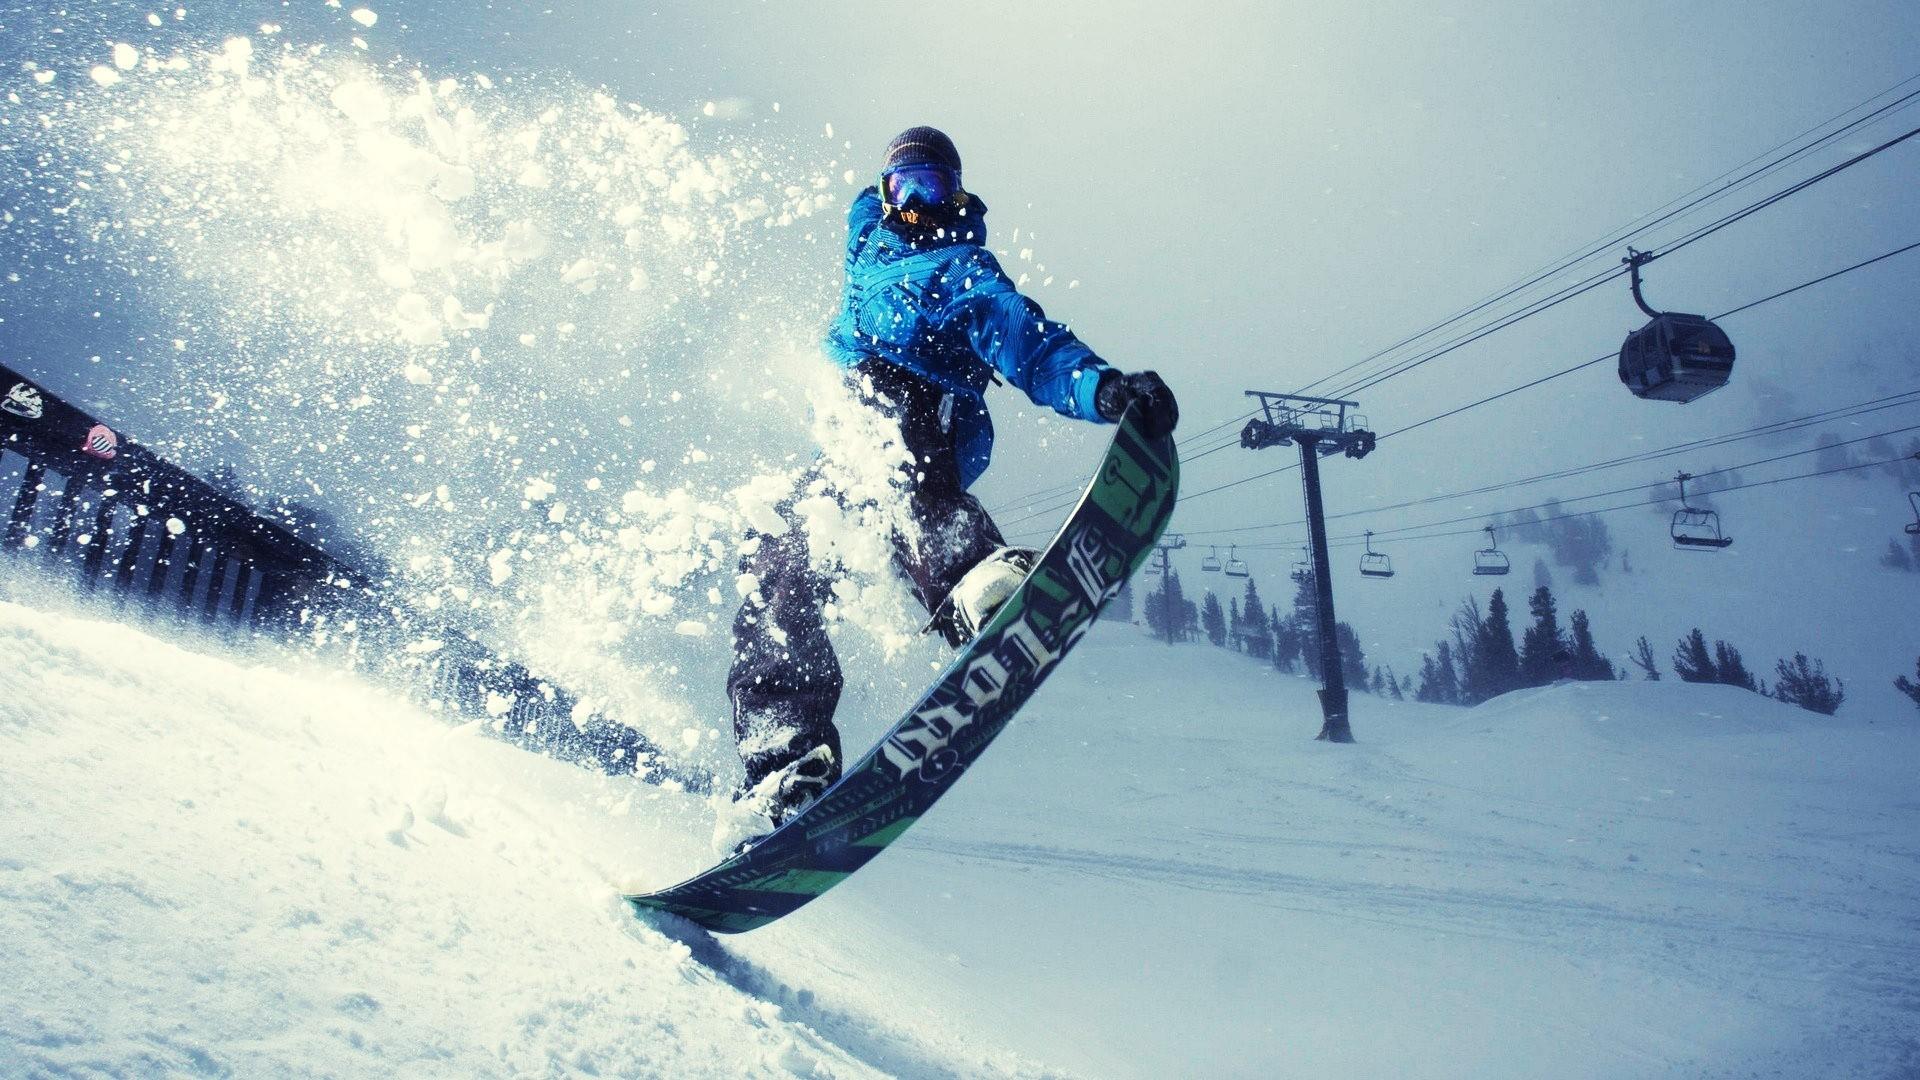 Divertirsi sulla neve come freerider con la migliore tavola snowboard economica